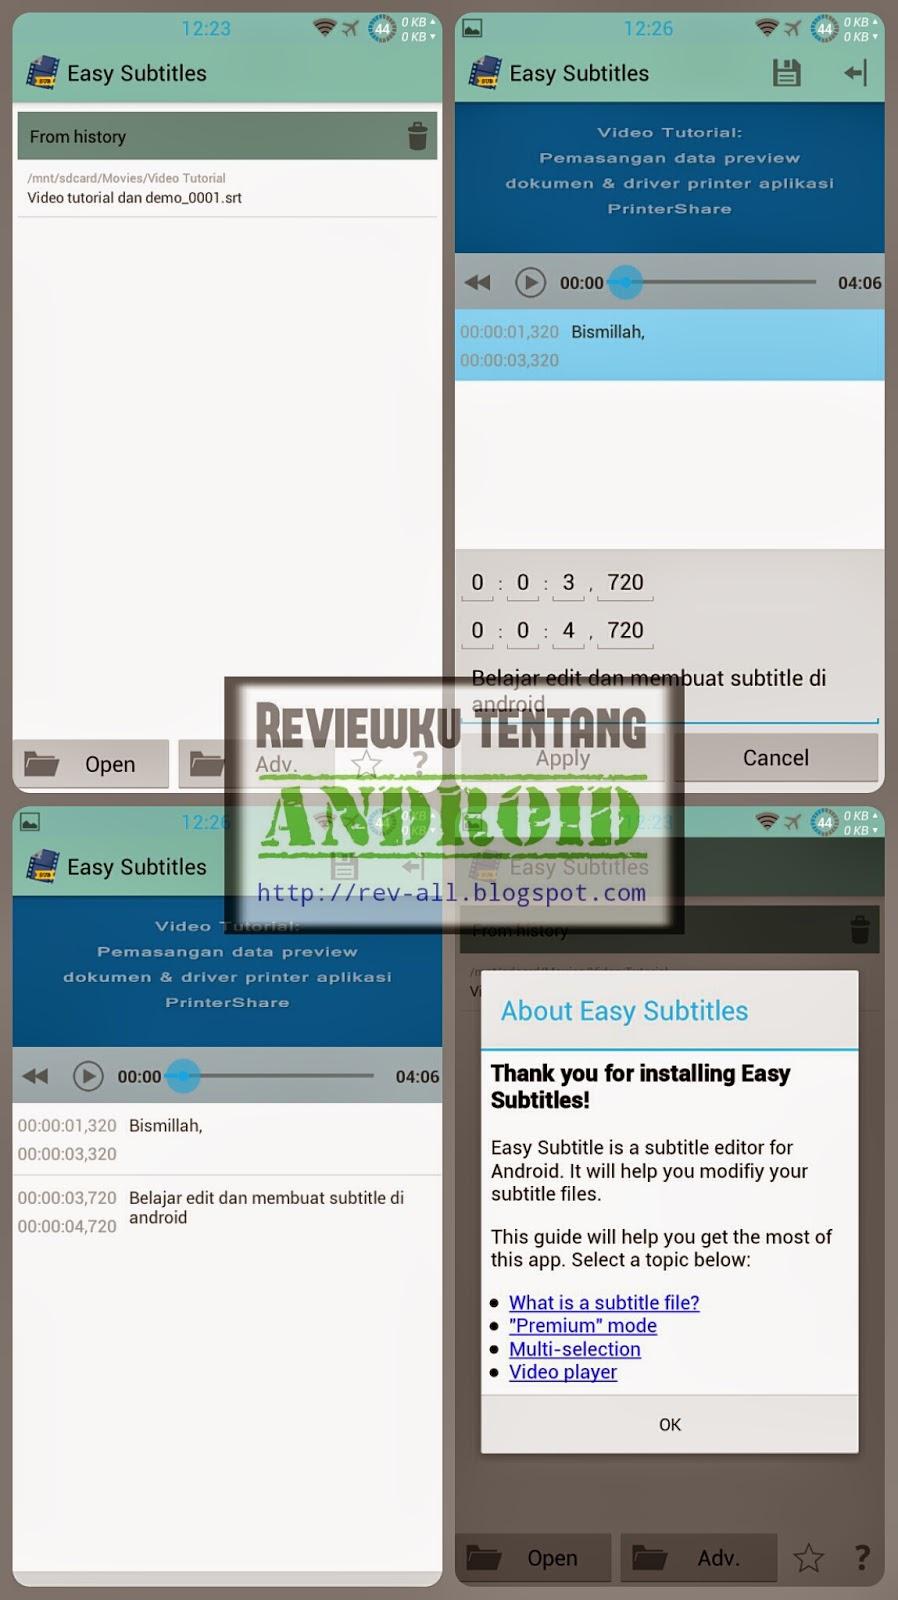 Tampilan aplikasi EASY SUBTITLES - membuat dan mengedit subtitle di android dengan mudah (rev-all.blogspot.com)